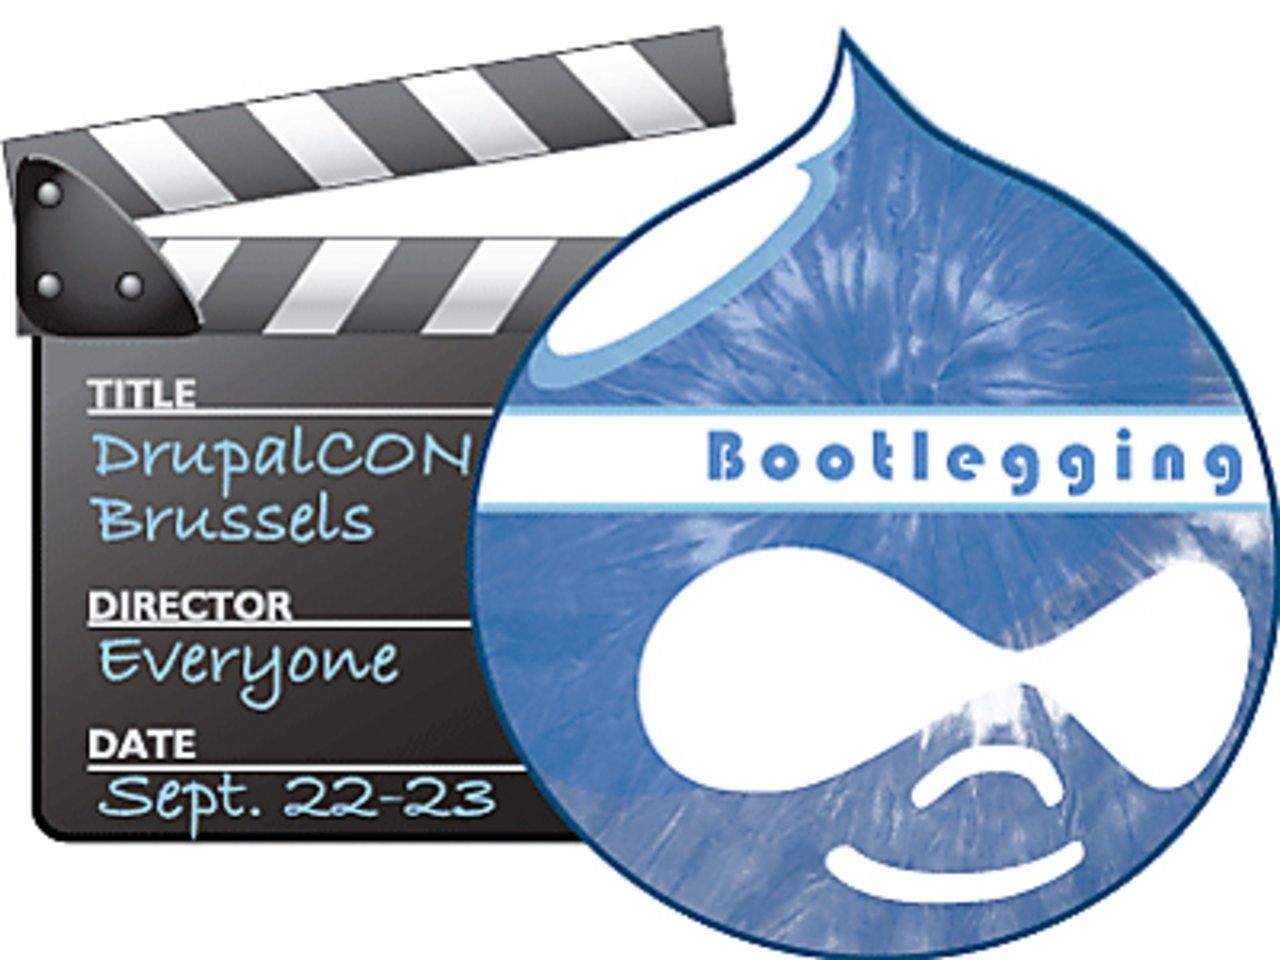 Drupalcon brussels bootleg